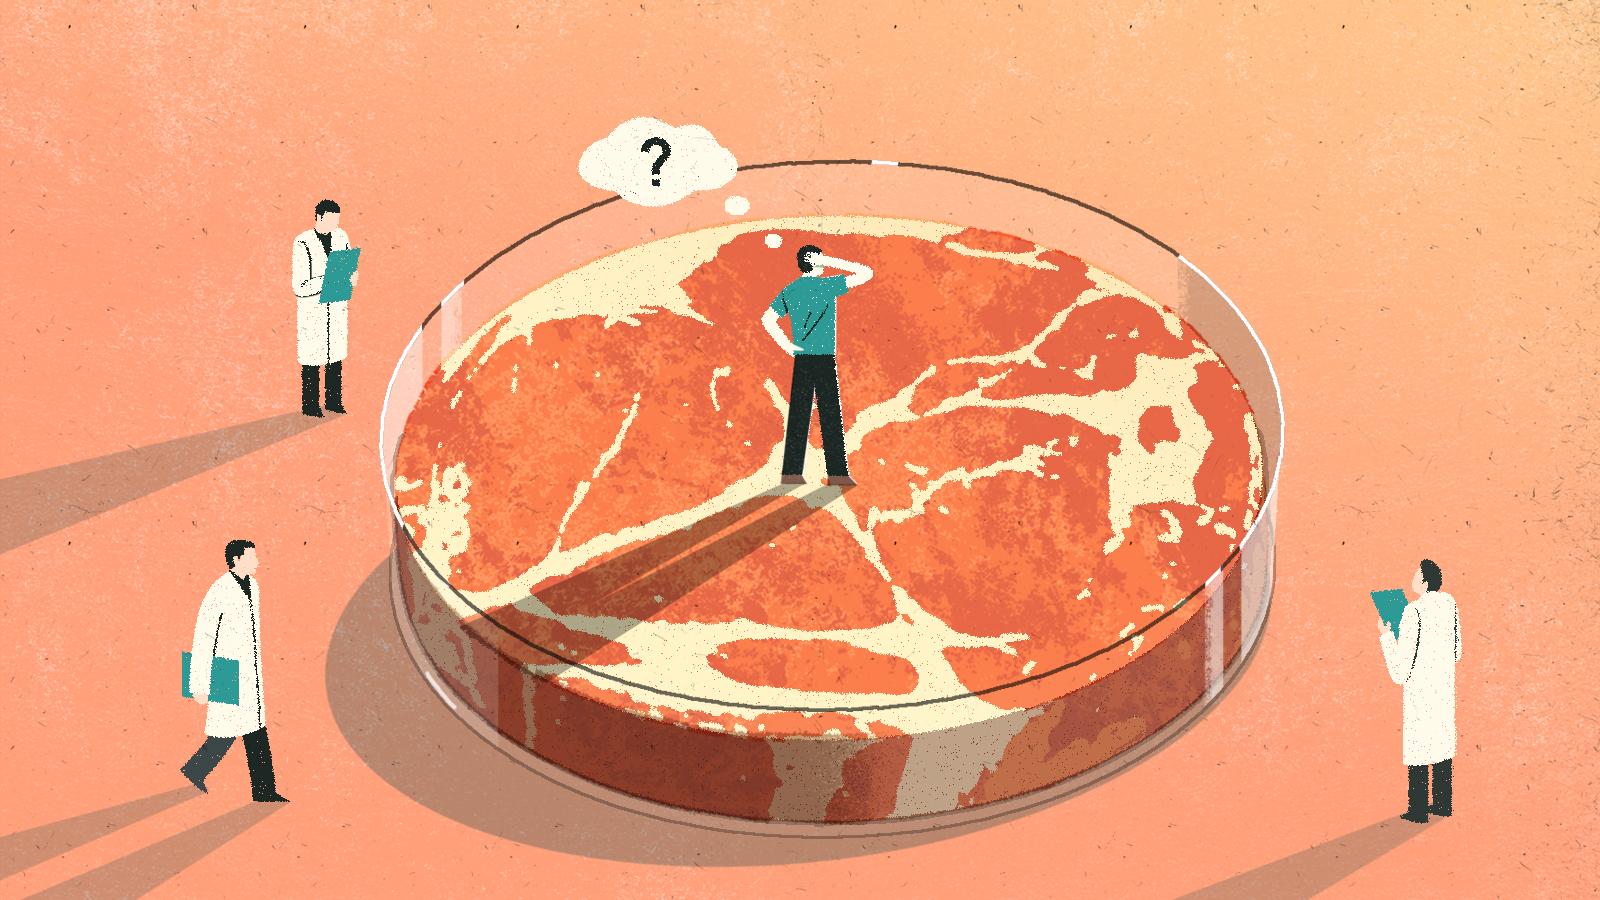 人造肉火熱背後:價格高企 標準缺失 相關概念股接連漲